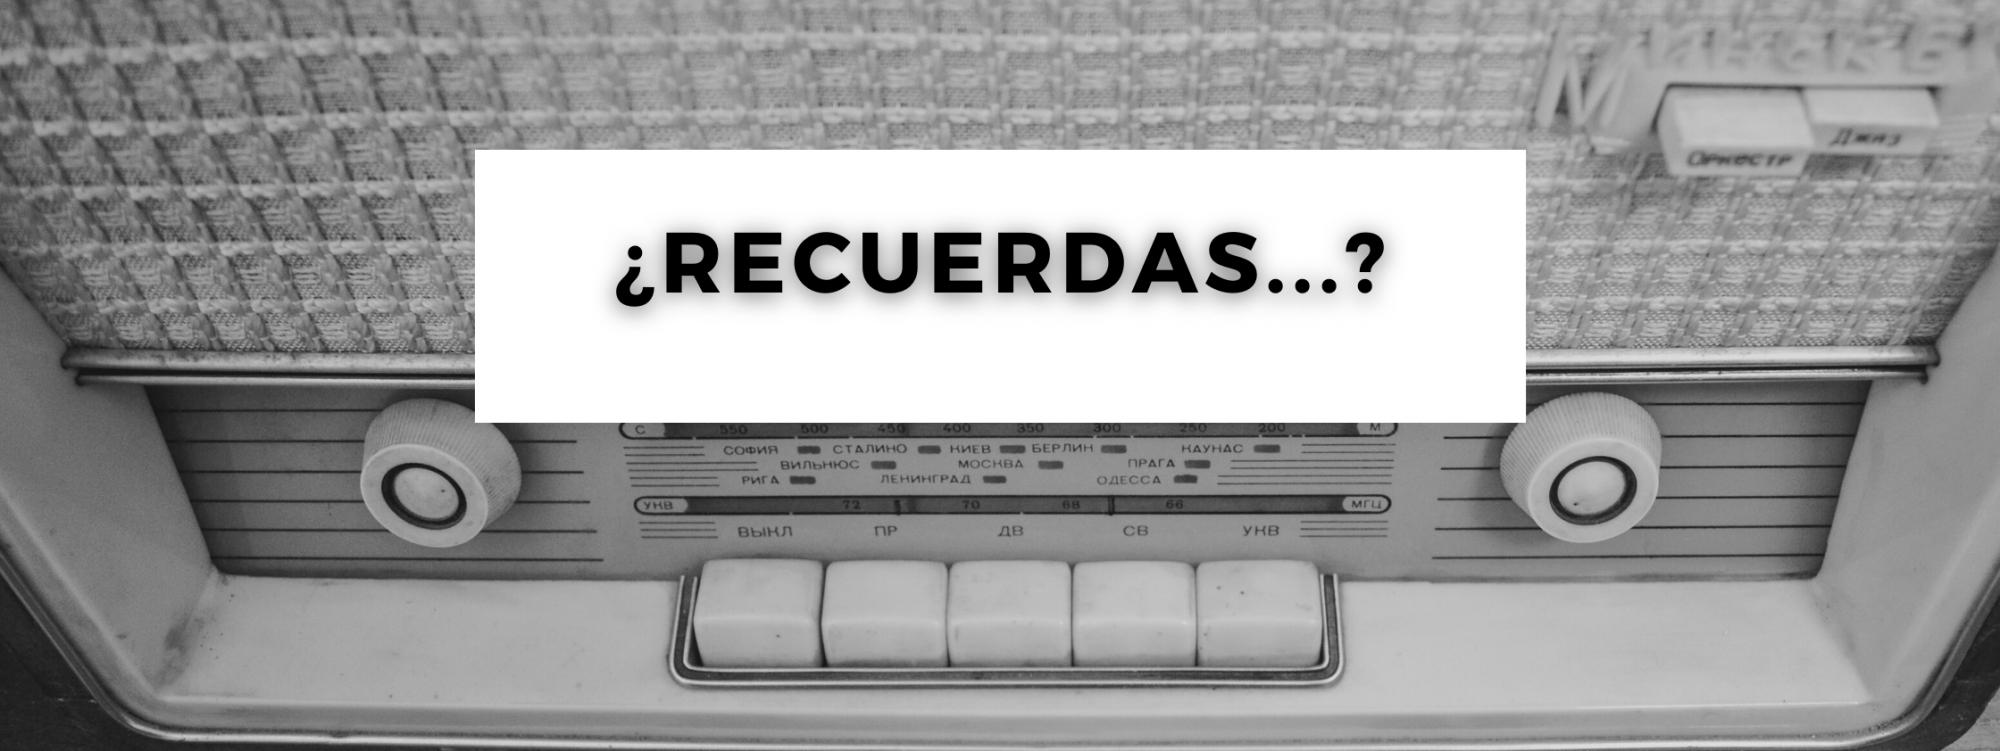 Recuerdas?